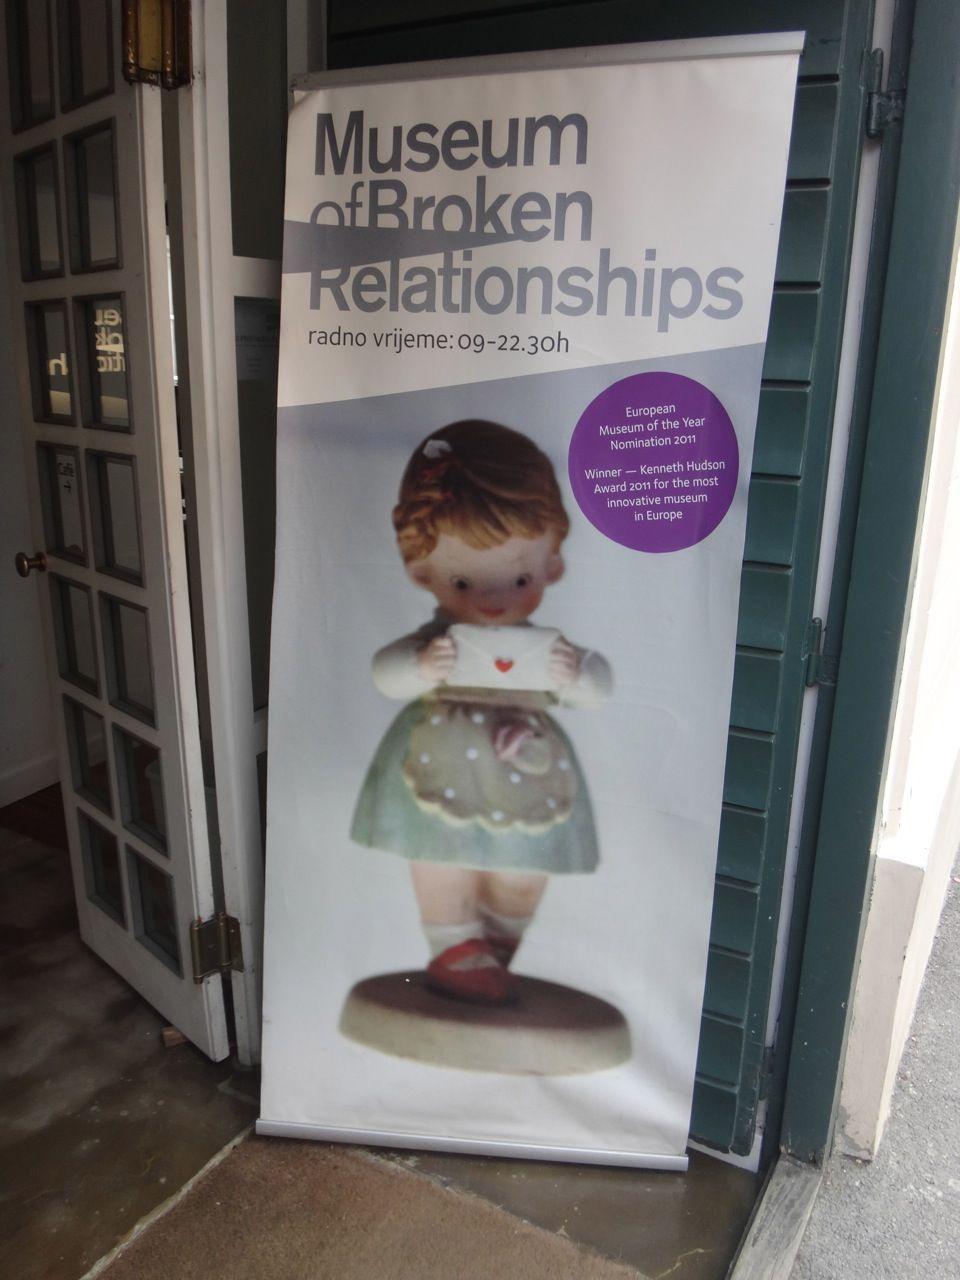 Croatia The Museum Of Broken Relationships Relationship Broken Relationships Museum